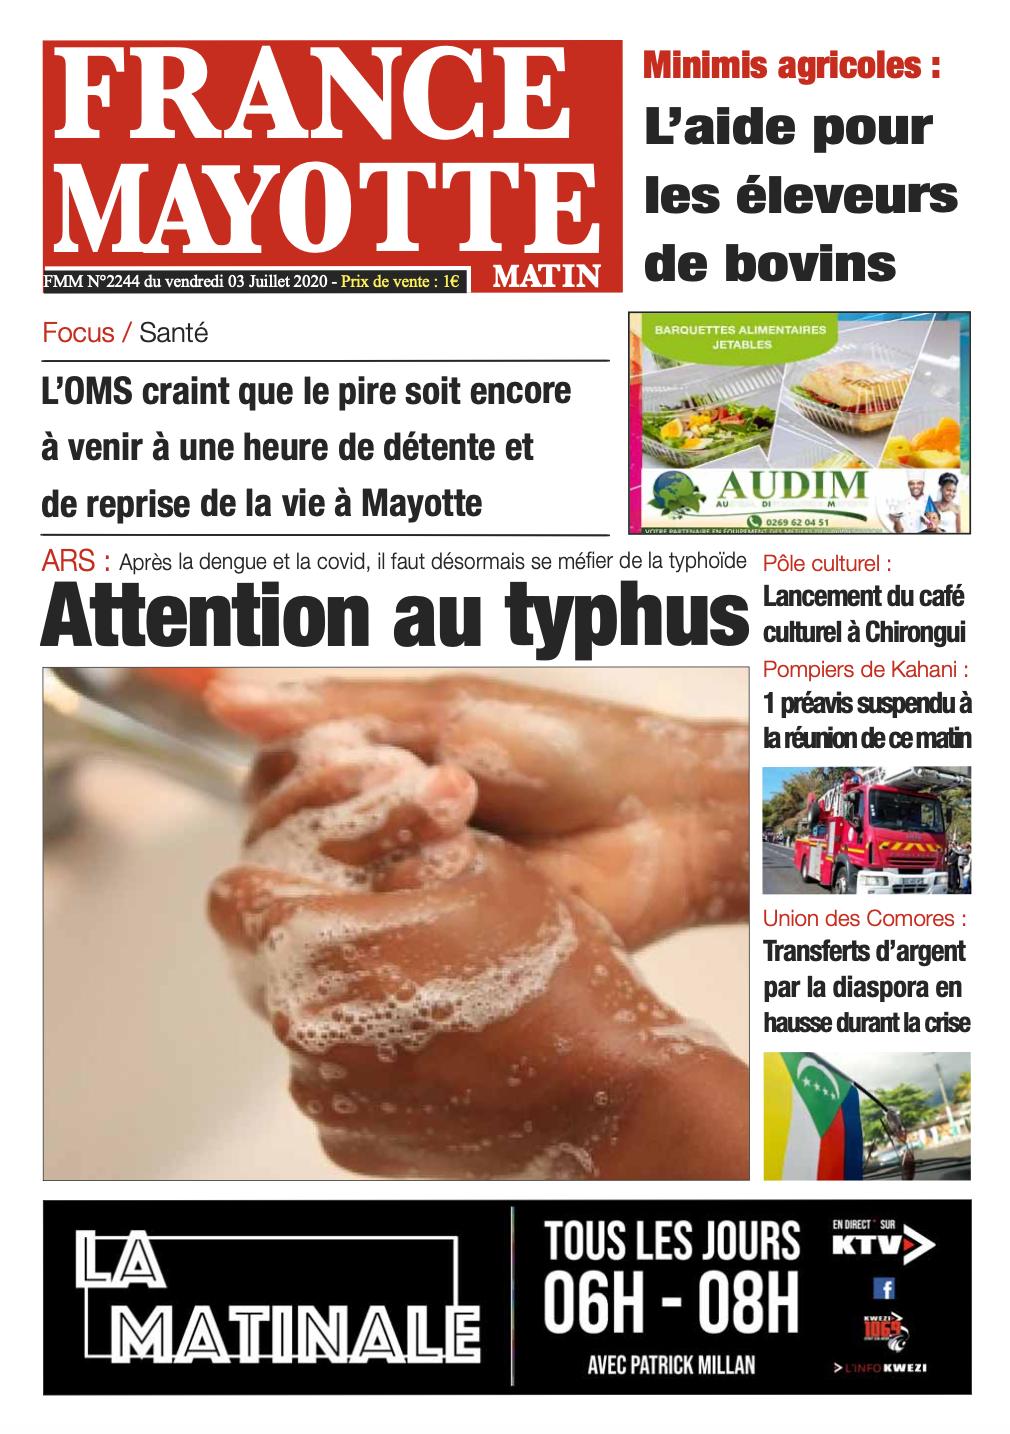 France Mayotte Vendredi 3 juillet 2020